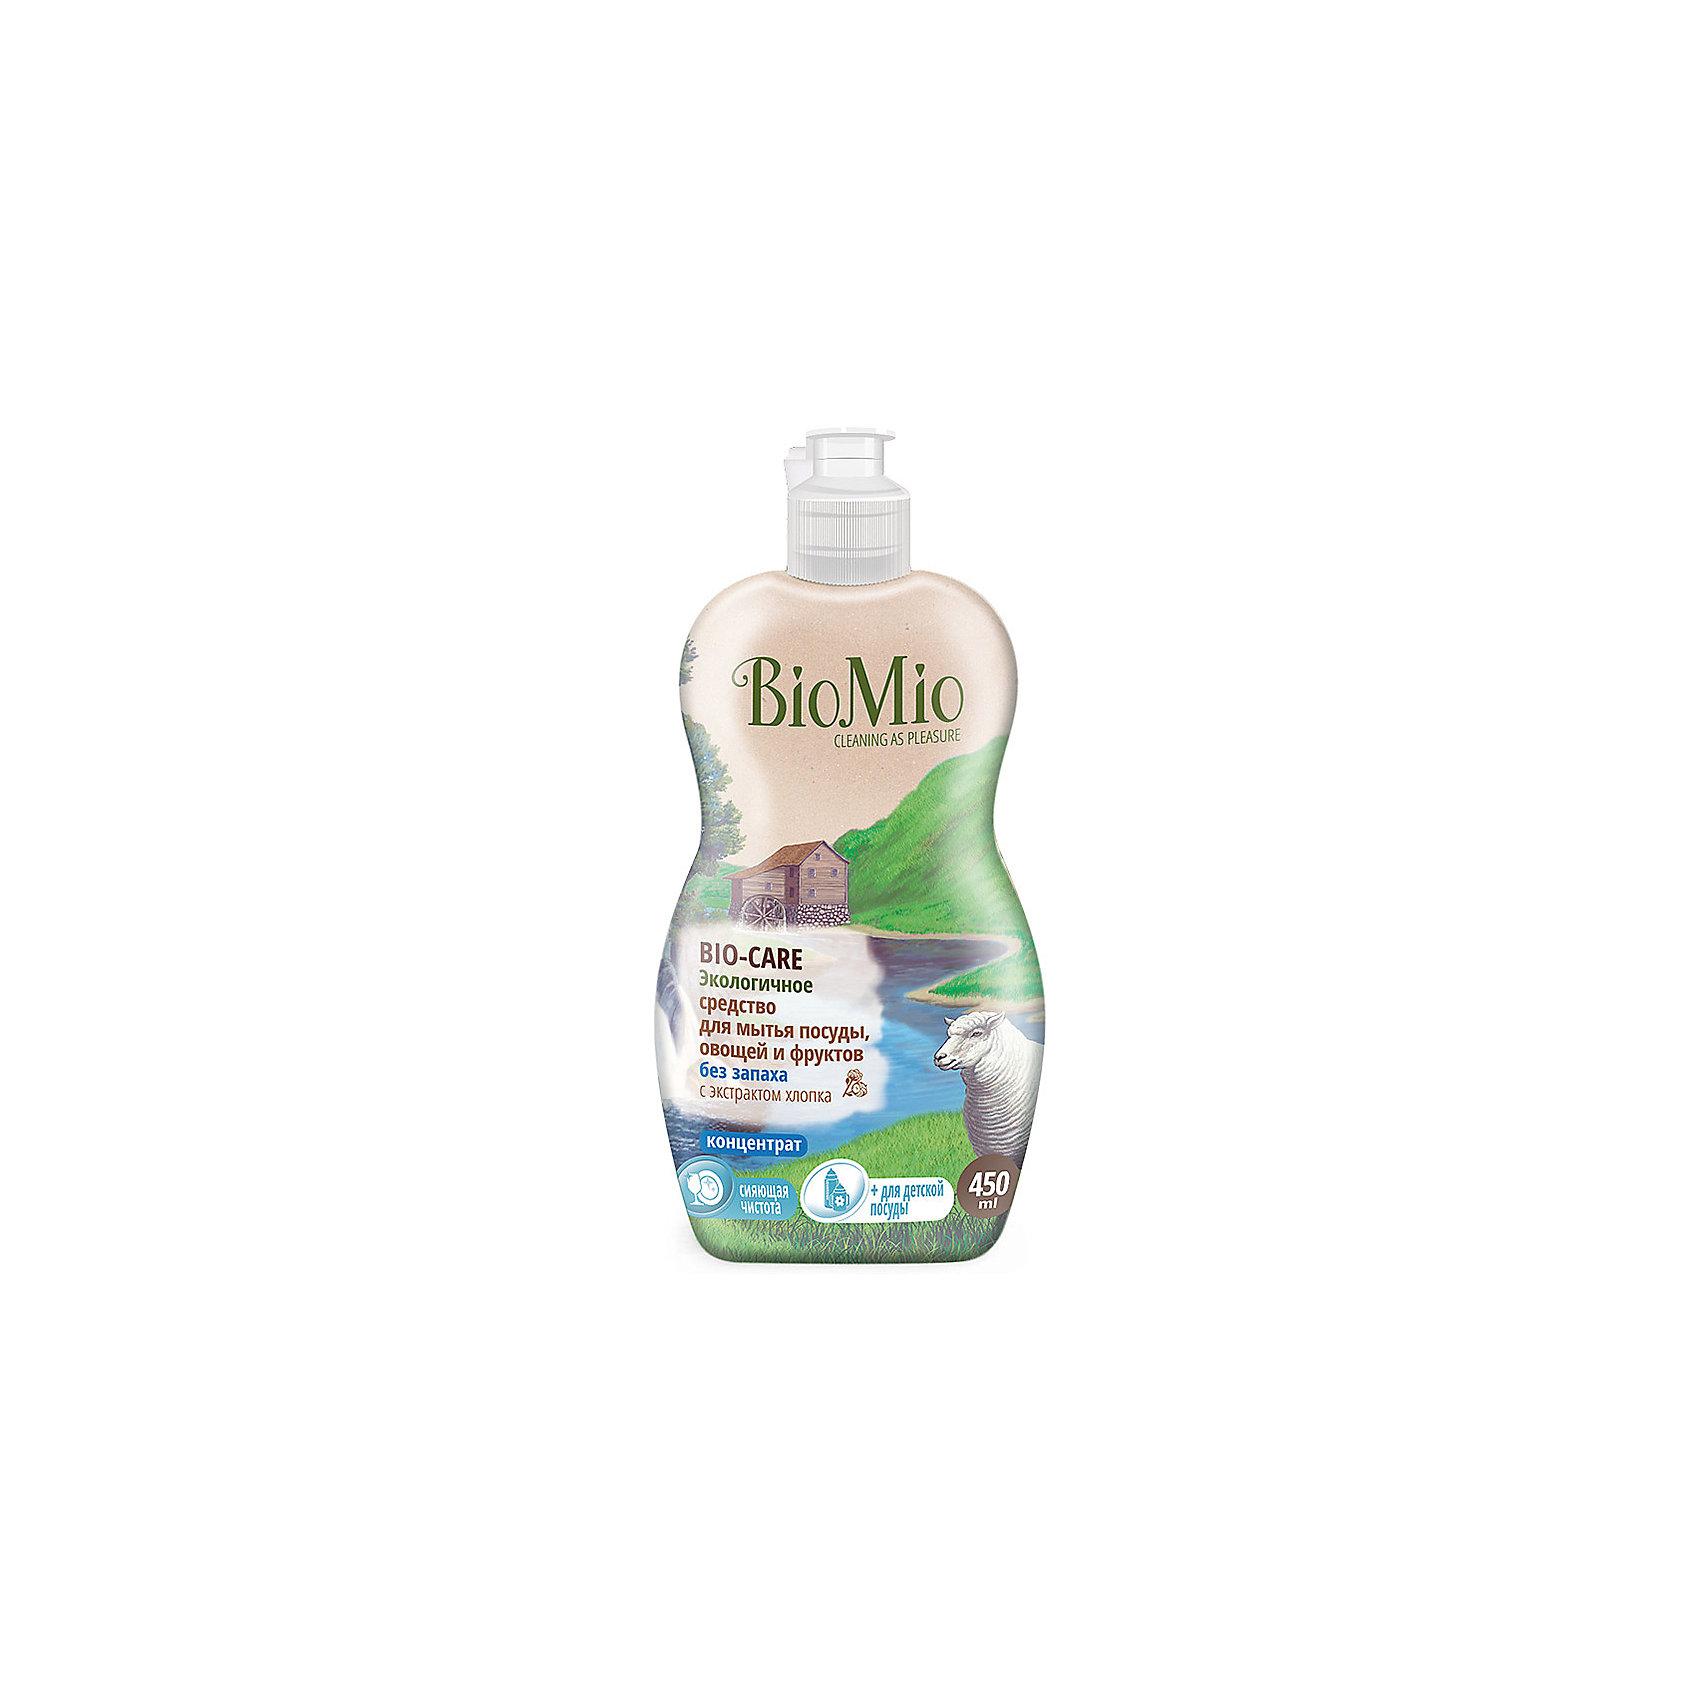 Экологичное средство для мытья посуды, овощей и фруктов без запаха, BIO MIOБытовая химия<br>Экологичное средство для мытья посуды, овощей и фруктов без запаха, от известного бренда из Дании BIO MIO (Био Мио). Впустите атмосферу безопасной чистоты в ваш дом! Это средство не имеет запаха и хорошо справляется с остатками пищи и загрязнениями, не оставляя разводов и уничтожая микробы, благодаря антибактериальной формуле. Концентрированная формула позволит использовать стандартную бутылочку объема 450 мл. дольше обычного.  РH нейтральный, не имеет в составе небезопасных веществ и искусственных добавок. Экстракт хлопка оказывает благотворное воздействие и оберегает руки, сохраняя их нежность. Этим средством рекомендовано пользоваться с первых дней малыша. Датское качество отвечает европейским стандартам и осуществляет безопасную заботу о детях и планете.<br><br>Дополнительная информация:<br><br>- Объем: 450 мл. <br>- Не содержит искусственные ароматизаторы и красители, агрессивные ПАВ, нефтепродукты, PEG, фосфаты, хлор, SLS/SLES.<br><br>Экологичное средство для мытья посуды, овощей и фруктов без запаха, BIO MIO (Био Мио) можно купить в нашем интернет-магазине.<br>Подробнее:<br>• Для детей в возрасте: от 0 лет<br>• Номер товара: 5008292 <br>Страна производитель: Дания<br><br>Ширина мм: 300<br>Глубина мм: 100<br>Высота мм: 50<br>Вес г: 500<br>Возраст от месяцев: 0<br>Возраст до месяцев: 36<br>Пол: Унисекс<br>Возраст: Детский<br>SKU: 5008292